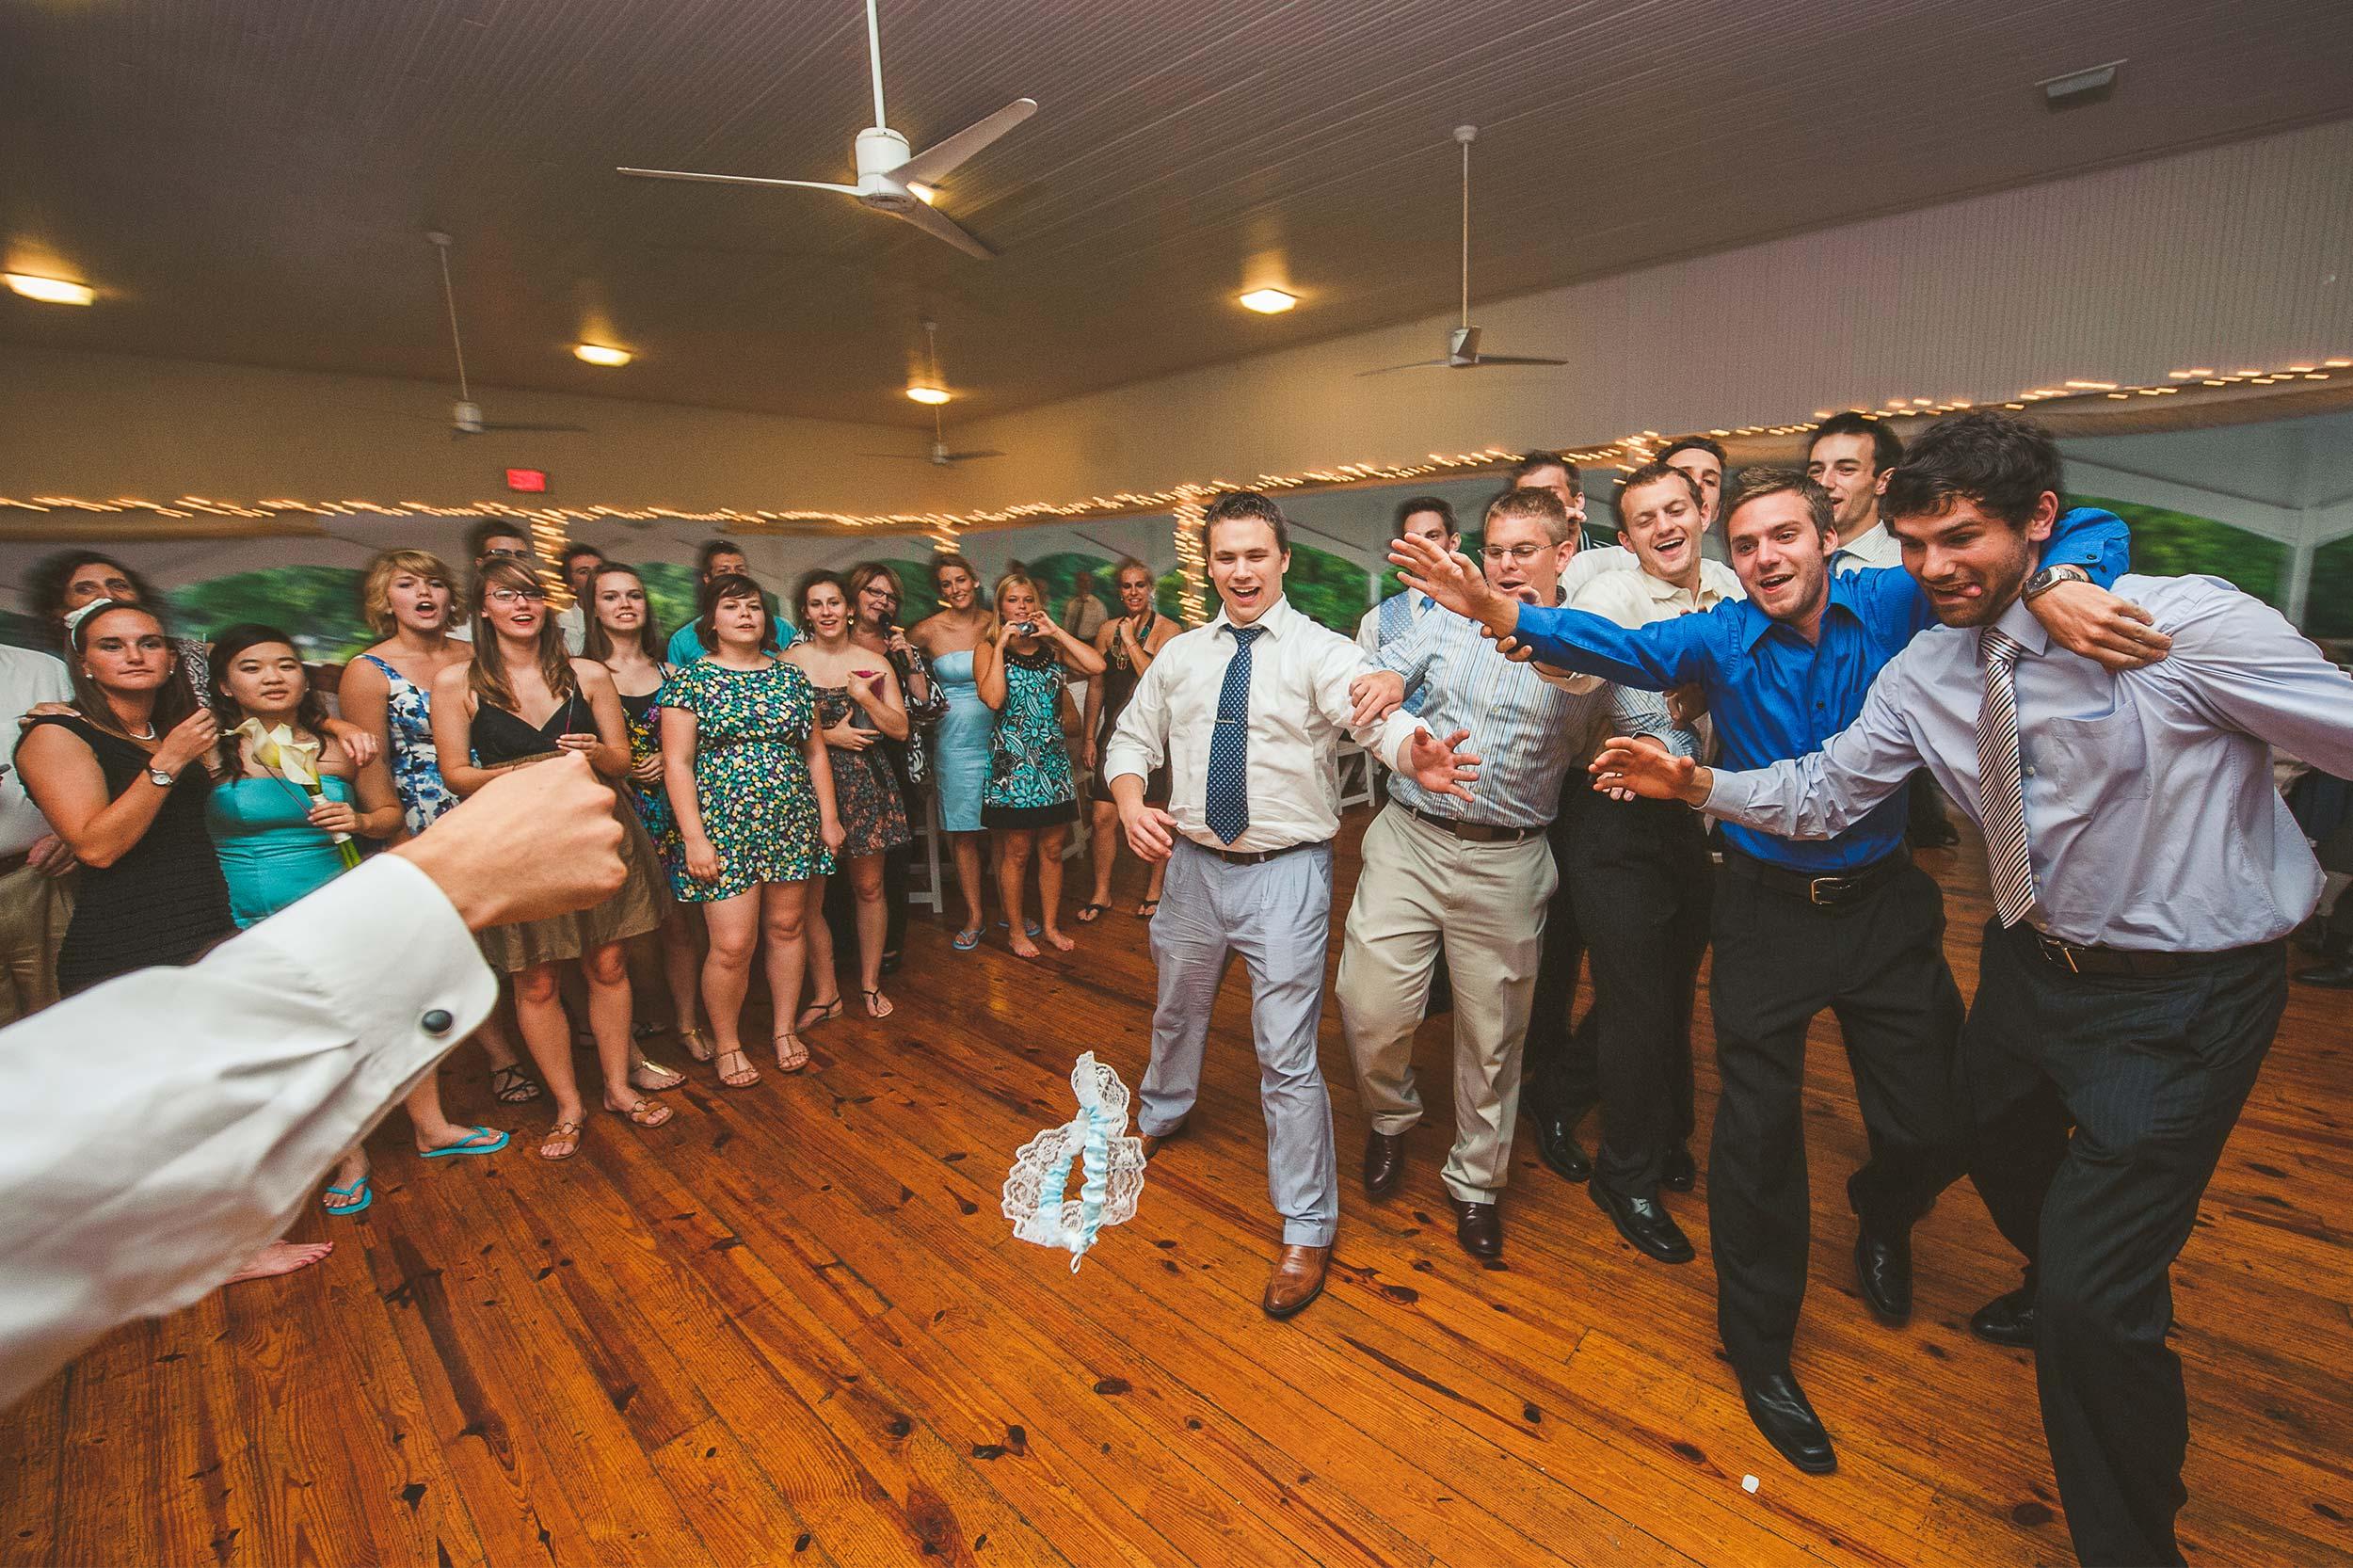 lexington-wedding-reception-garter-toss.jpg